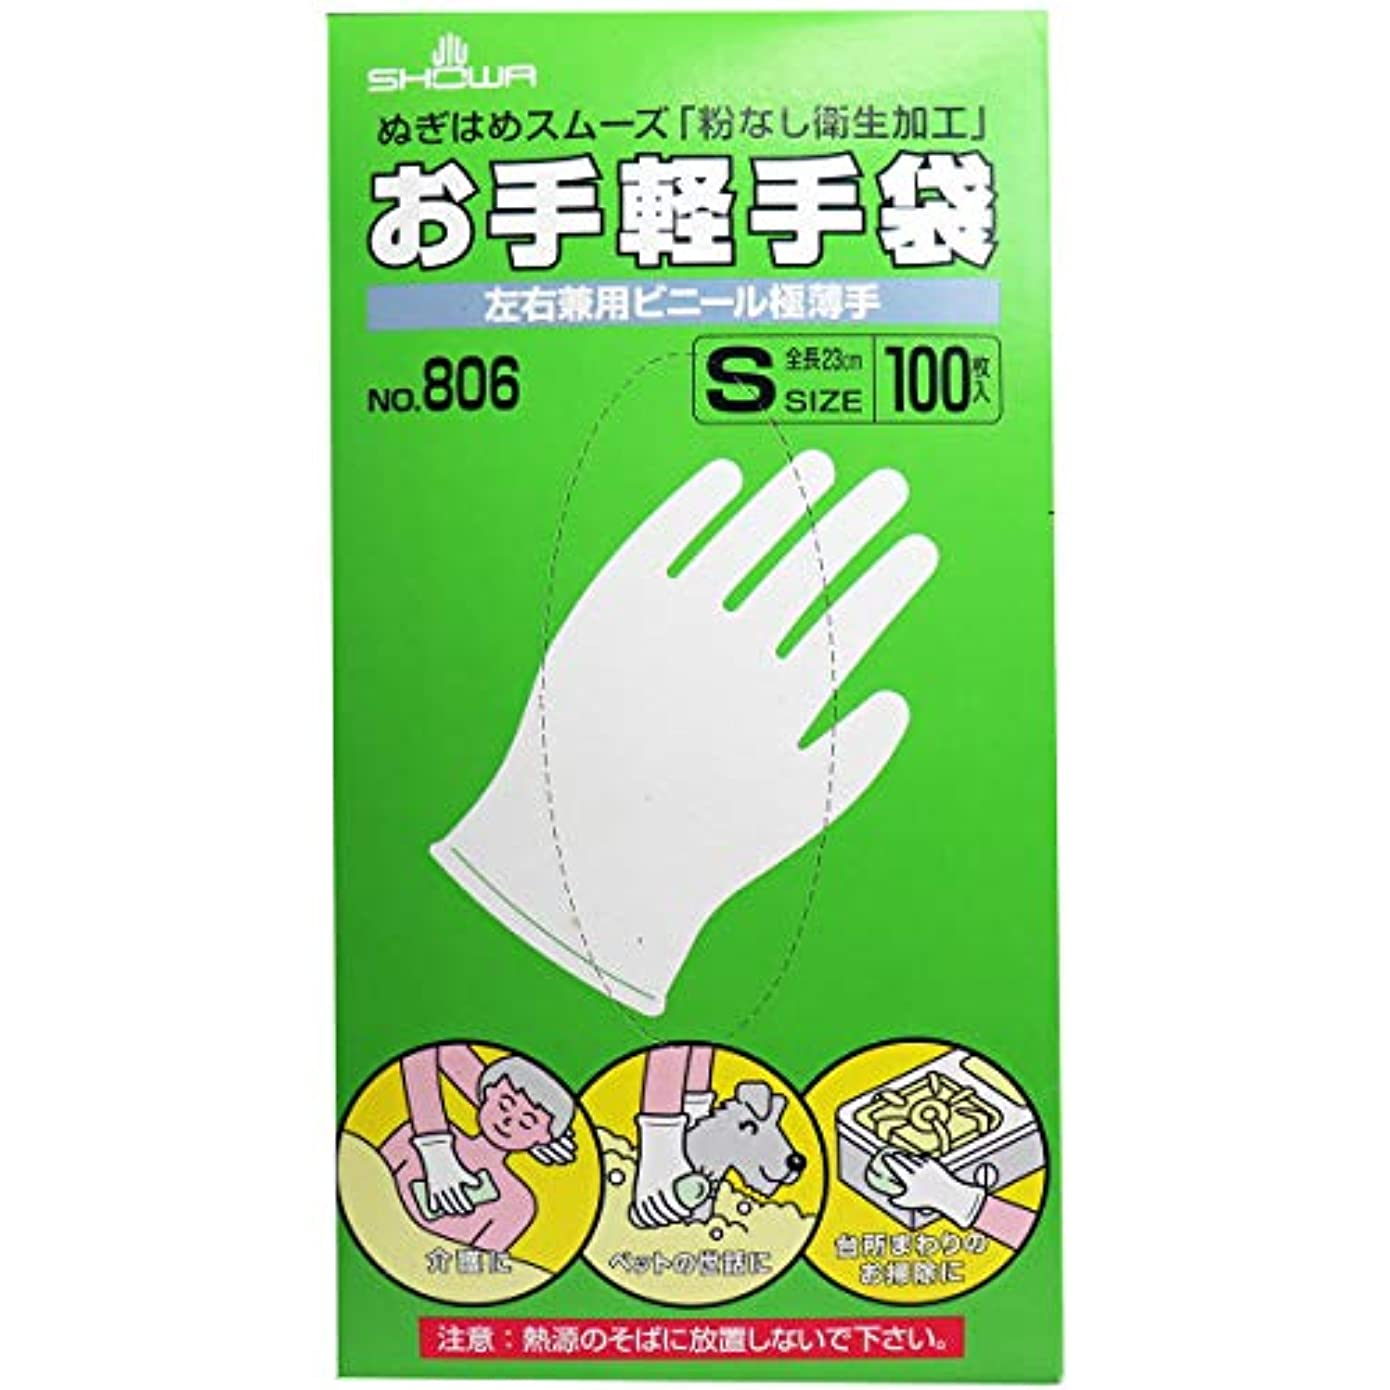 ピンク医師覚醒お手軽手袋 No.806 左右兼用ビニール極薄手 粉なし Sサイズ 100枚入×2個セット